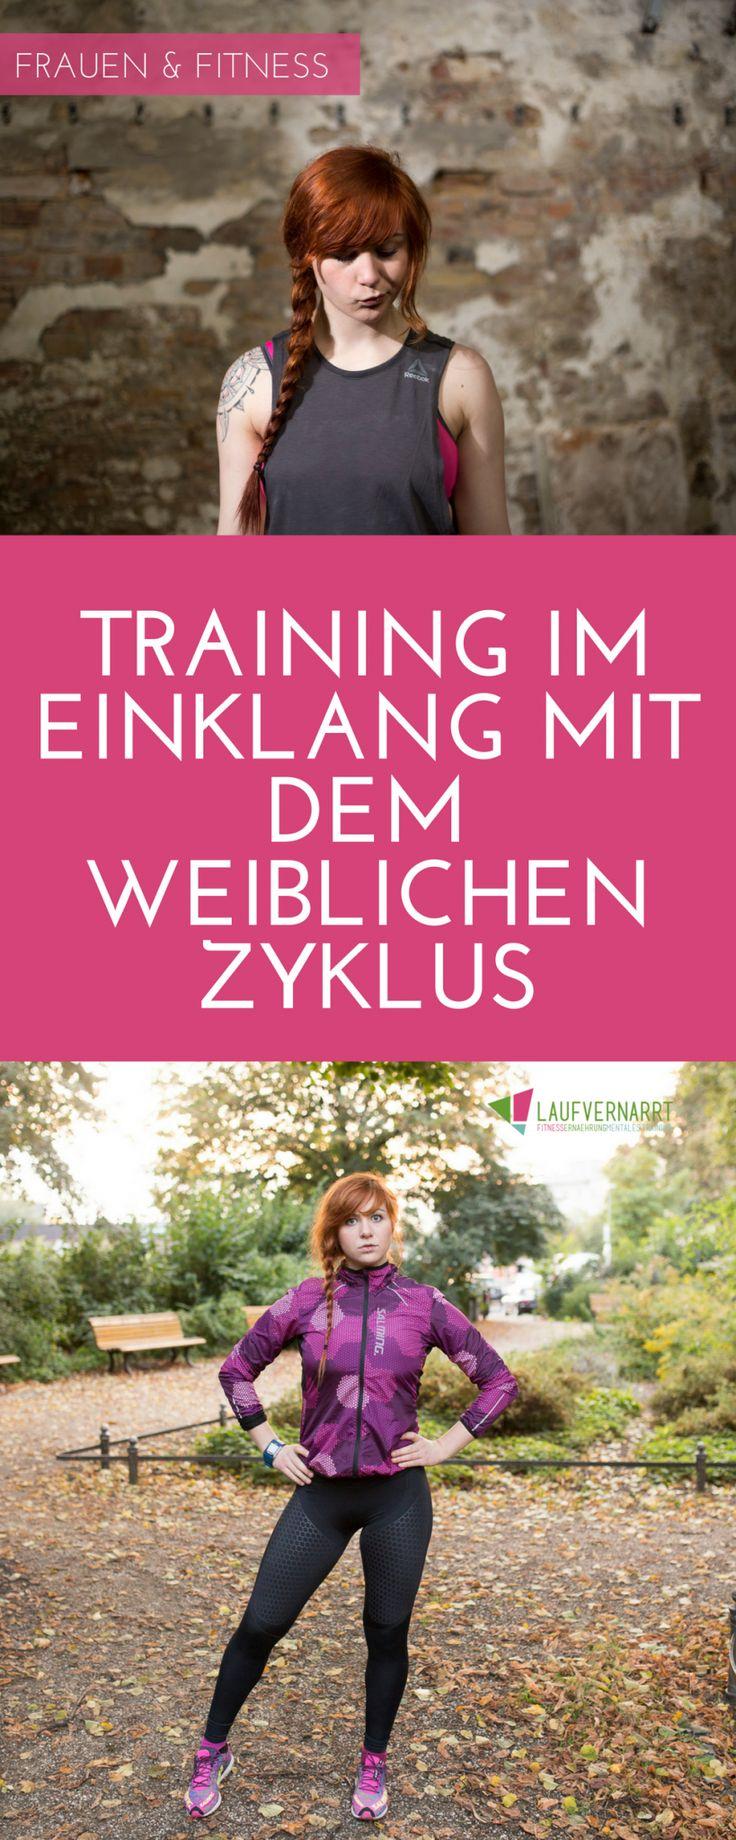 Frauen & Fitness: Training im Einklang mit dem weiblichen Zyklus